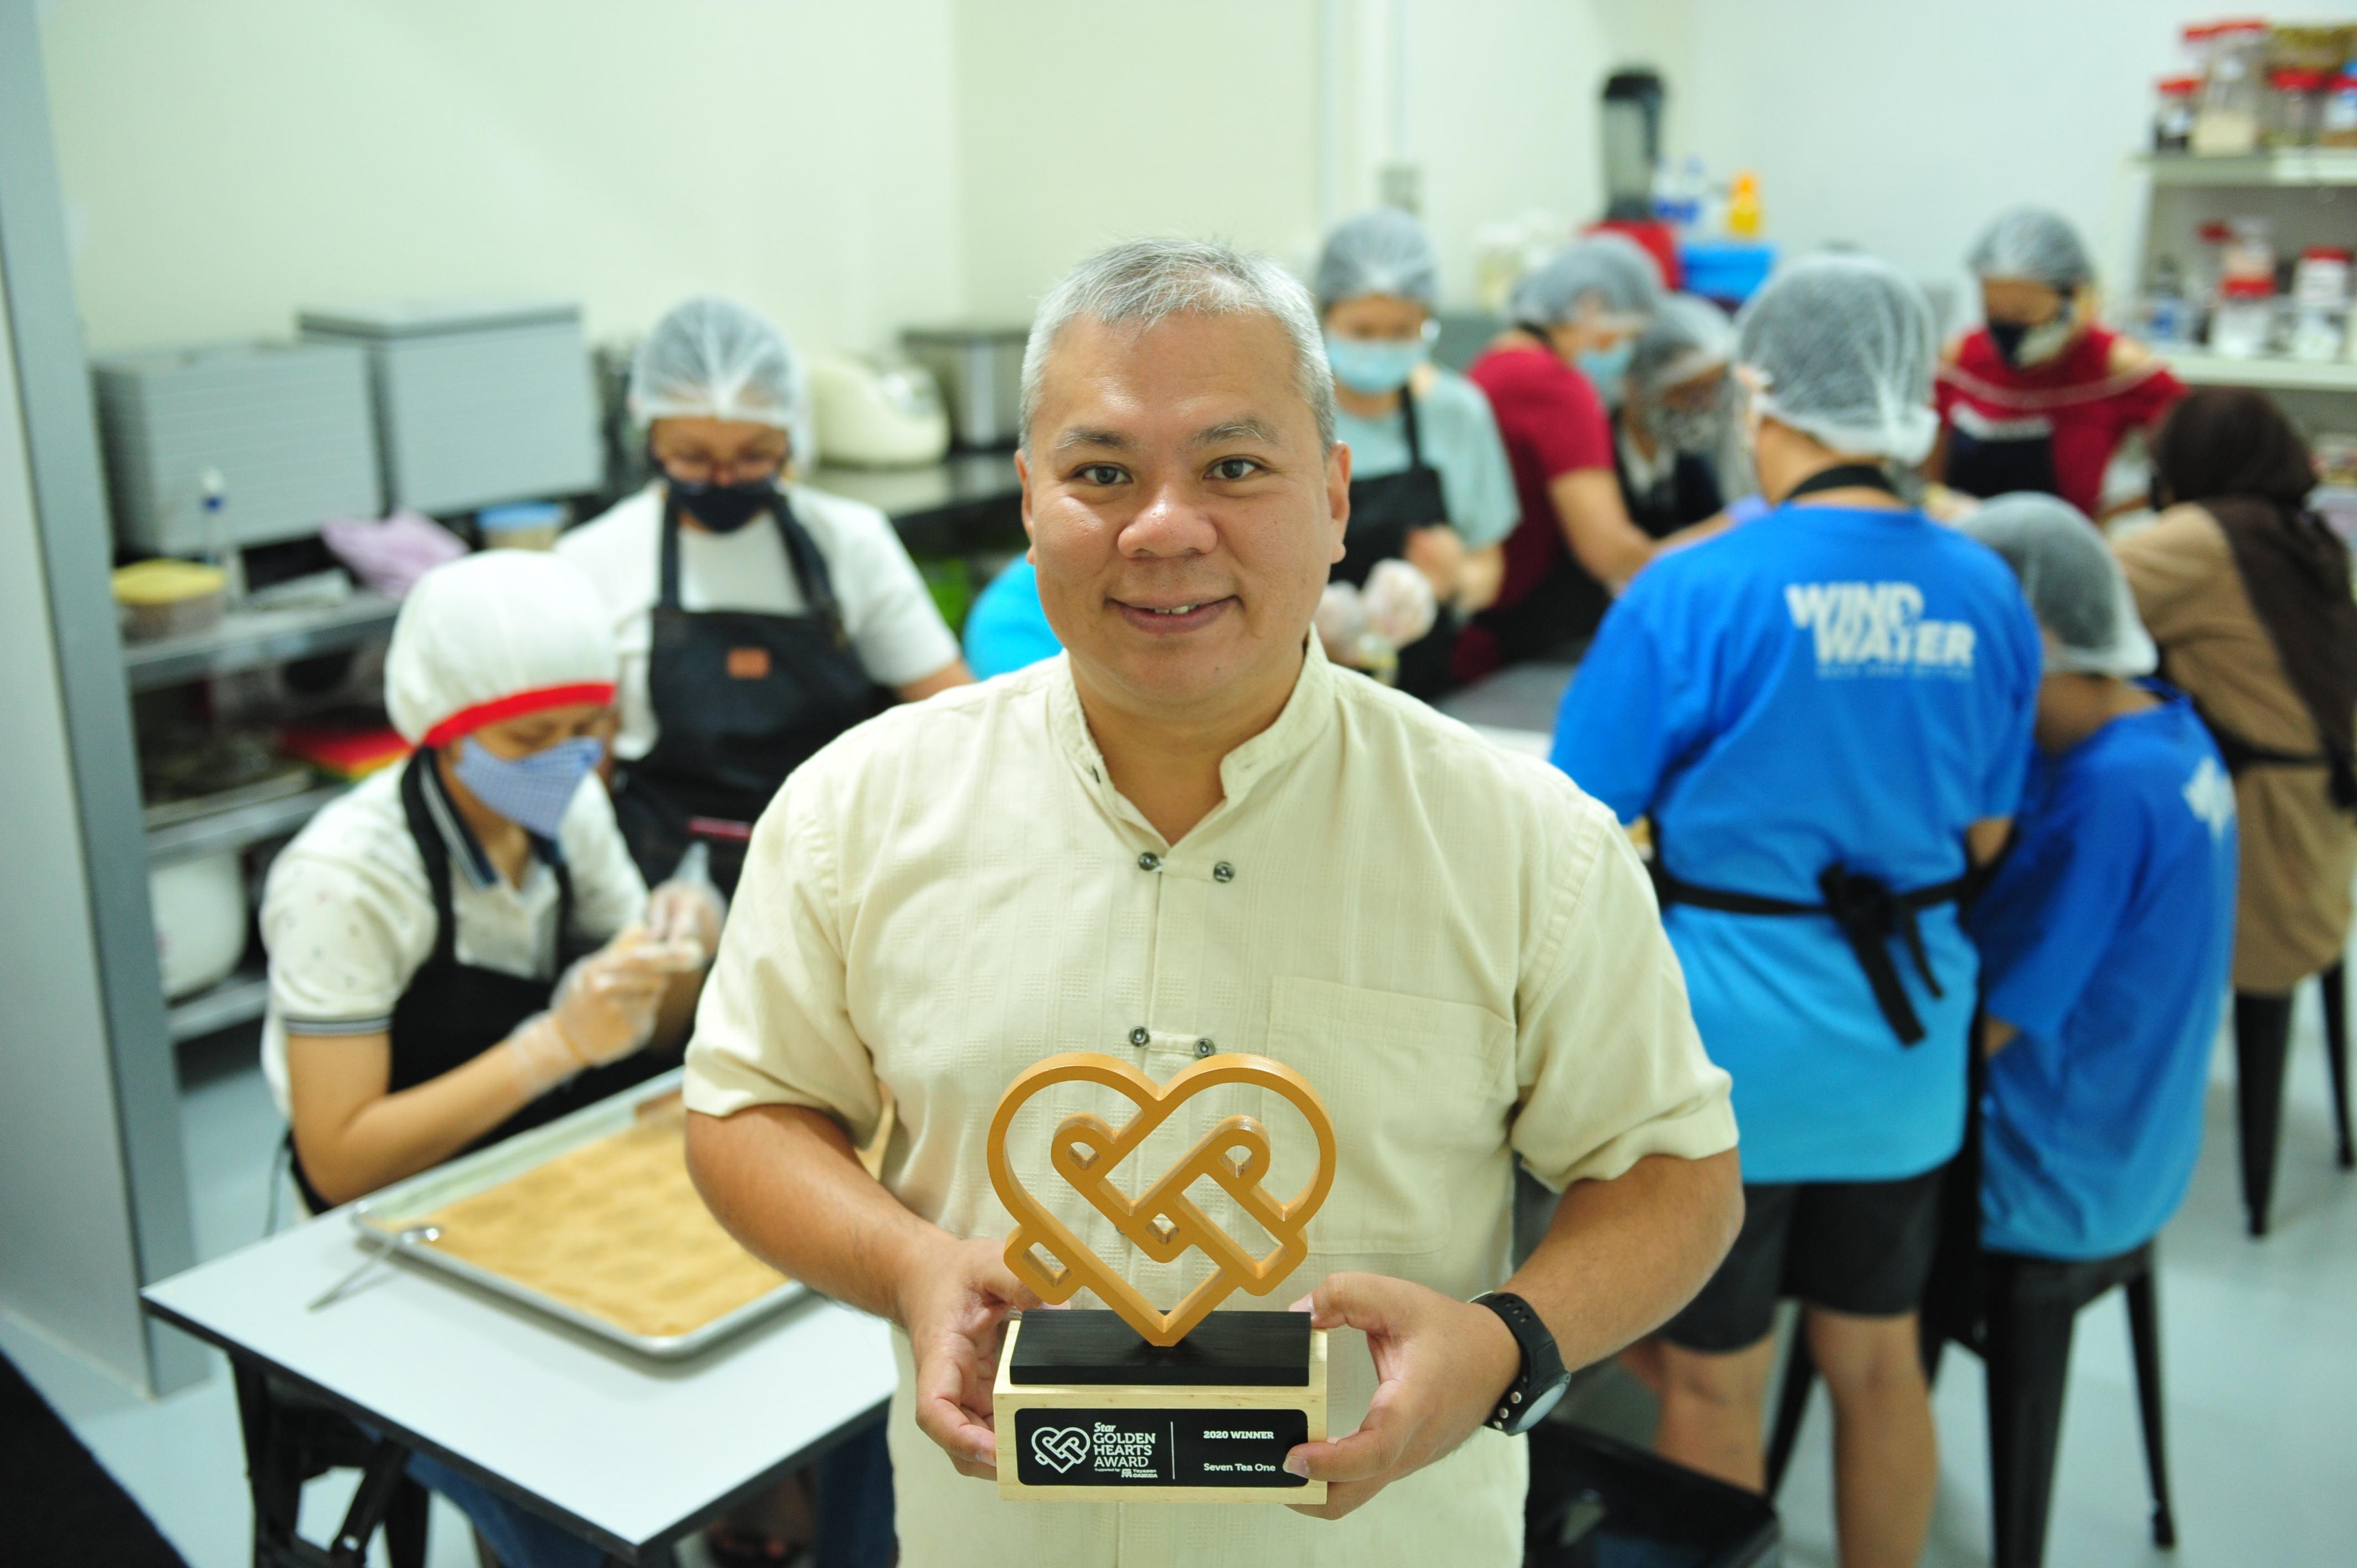 Star Golden Hearts Award